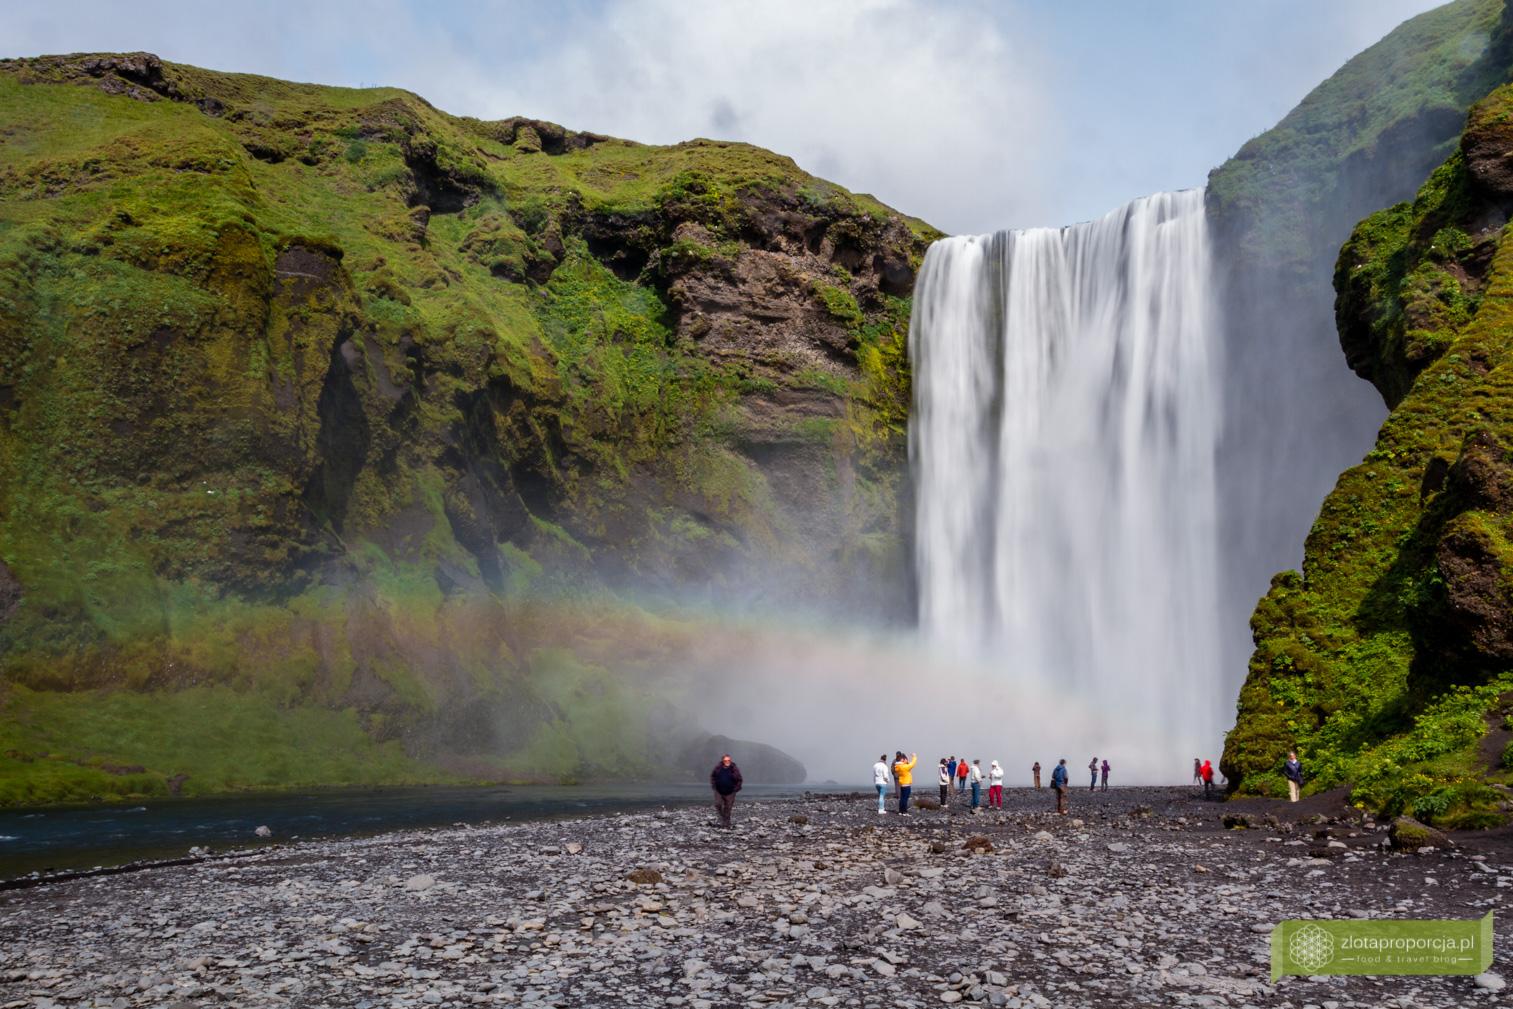 wodospad Skogafoss, Skogafoss, Południowo-zachodnia Islandia, Islandia, Islandia atrakcje, wodospady na Islandii, Islandia ciekawe miejsca